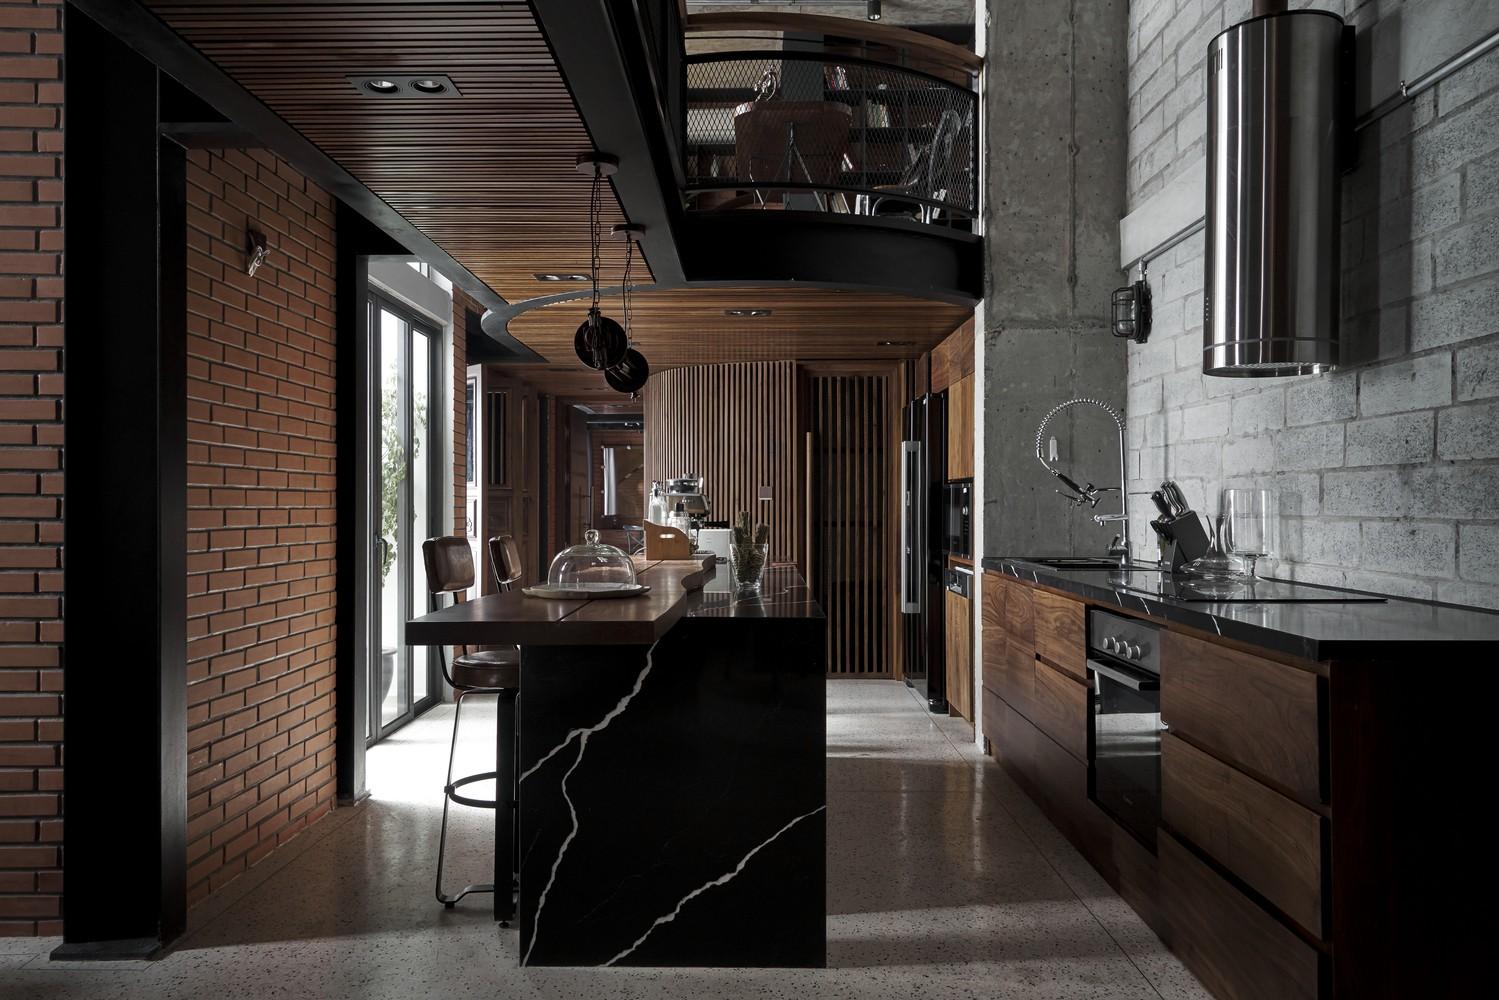 Phòng bếp sang trọng, tiện nghi với thiết kế tối giản, hiện đại.